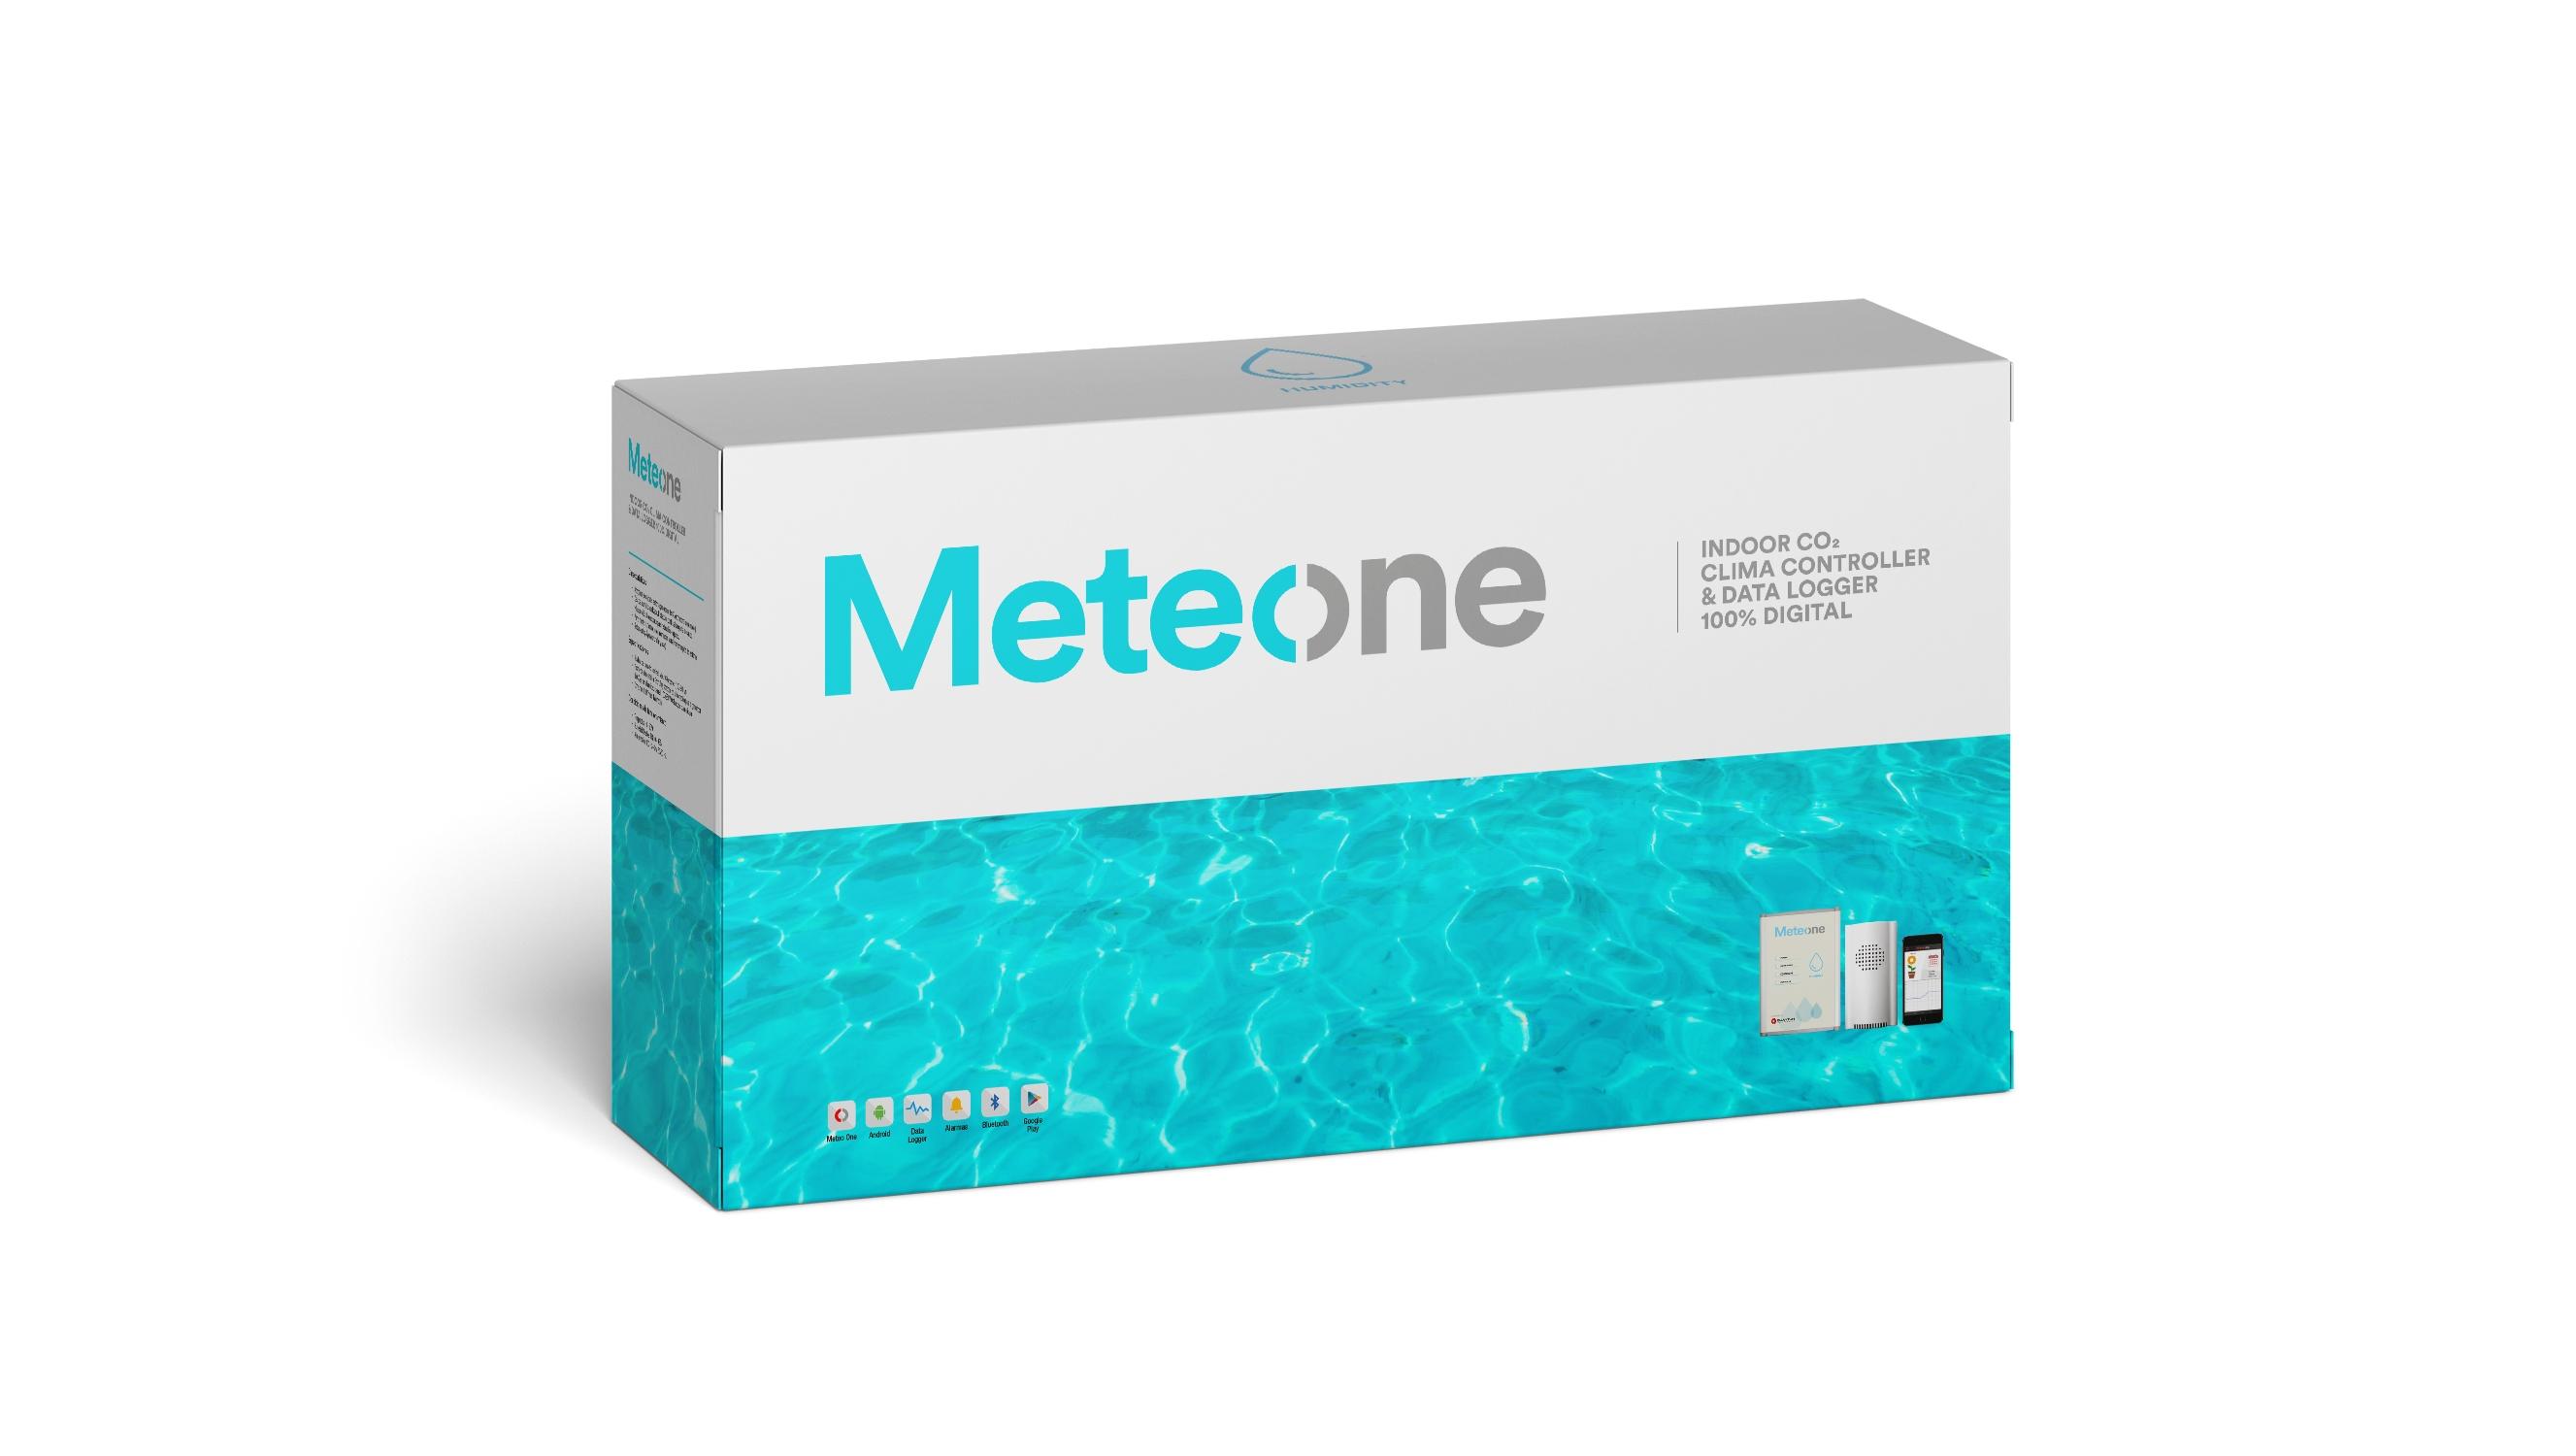 meteone-pack2